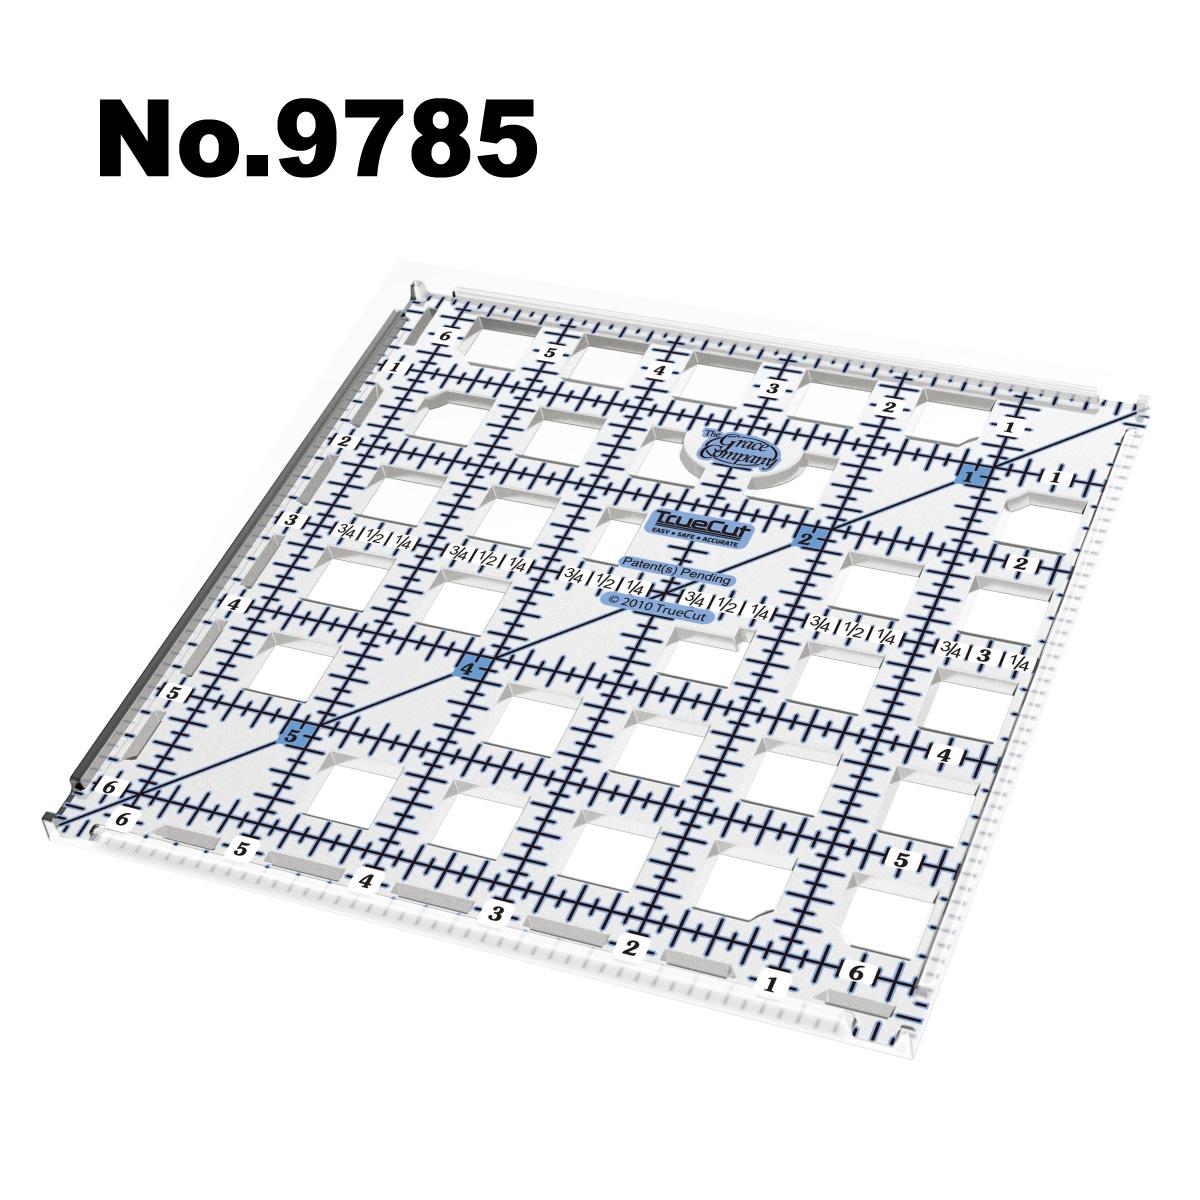 9785 ガイドカッター定規トゥルーカッター専用定規ロータリーカッター定規